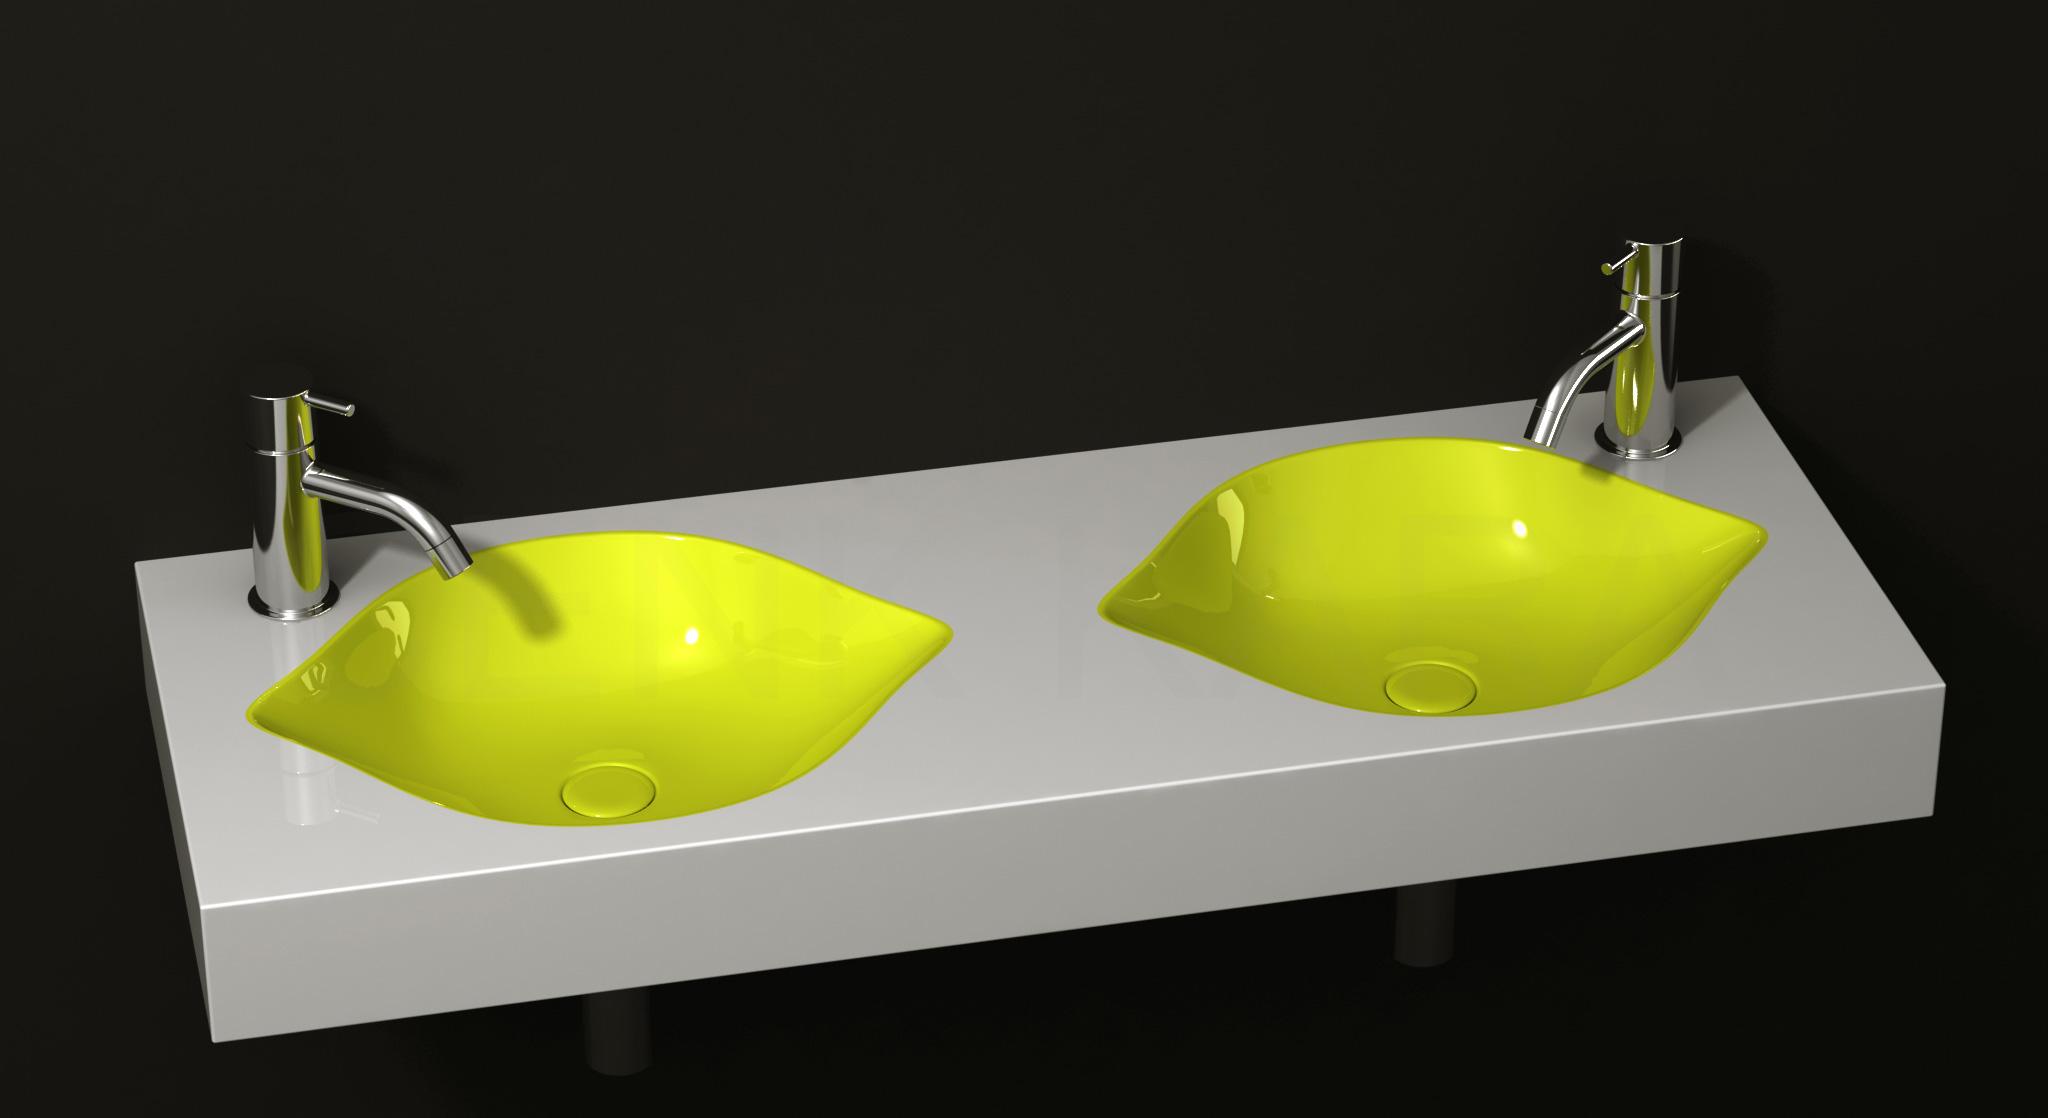 Cool Sinks : Cool Fruit-Inspired Bathroom Sinks -Lemon by Cenk Kara DigsDigs